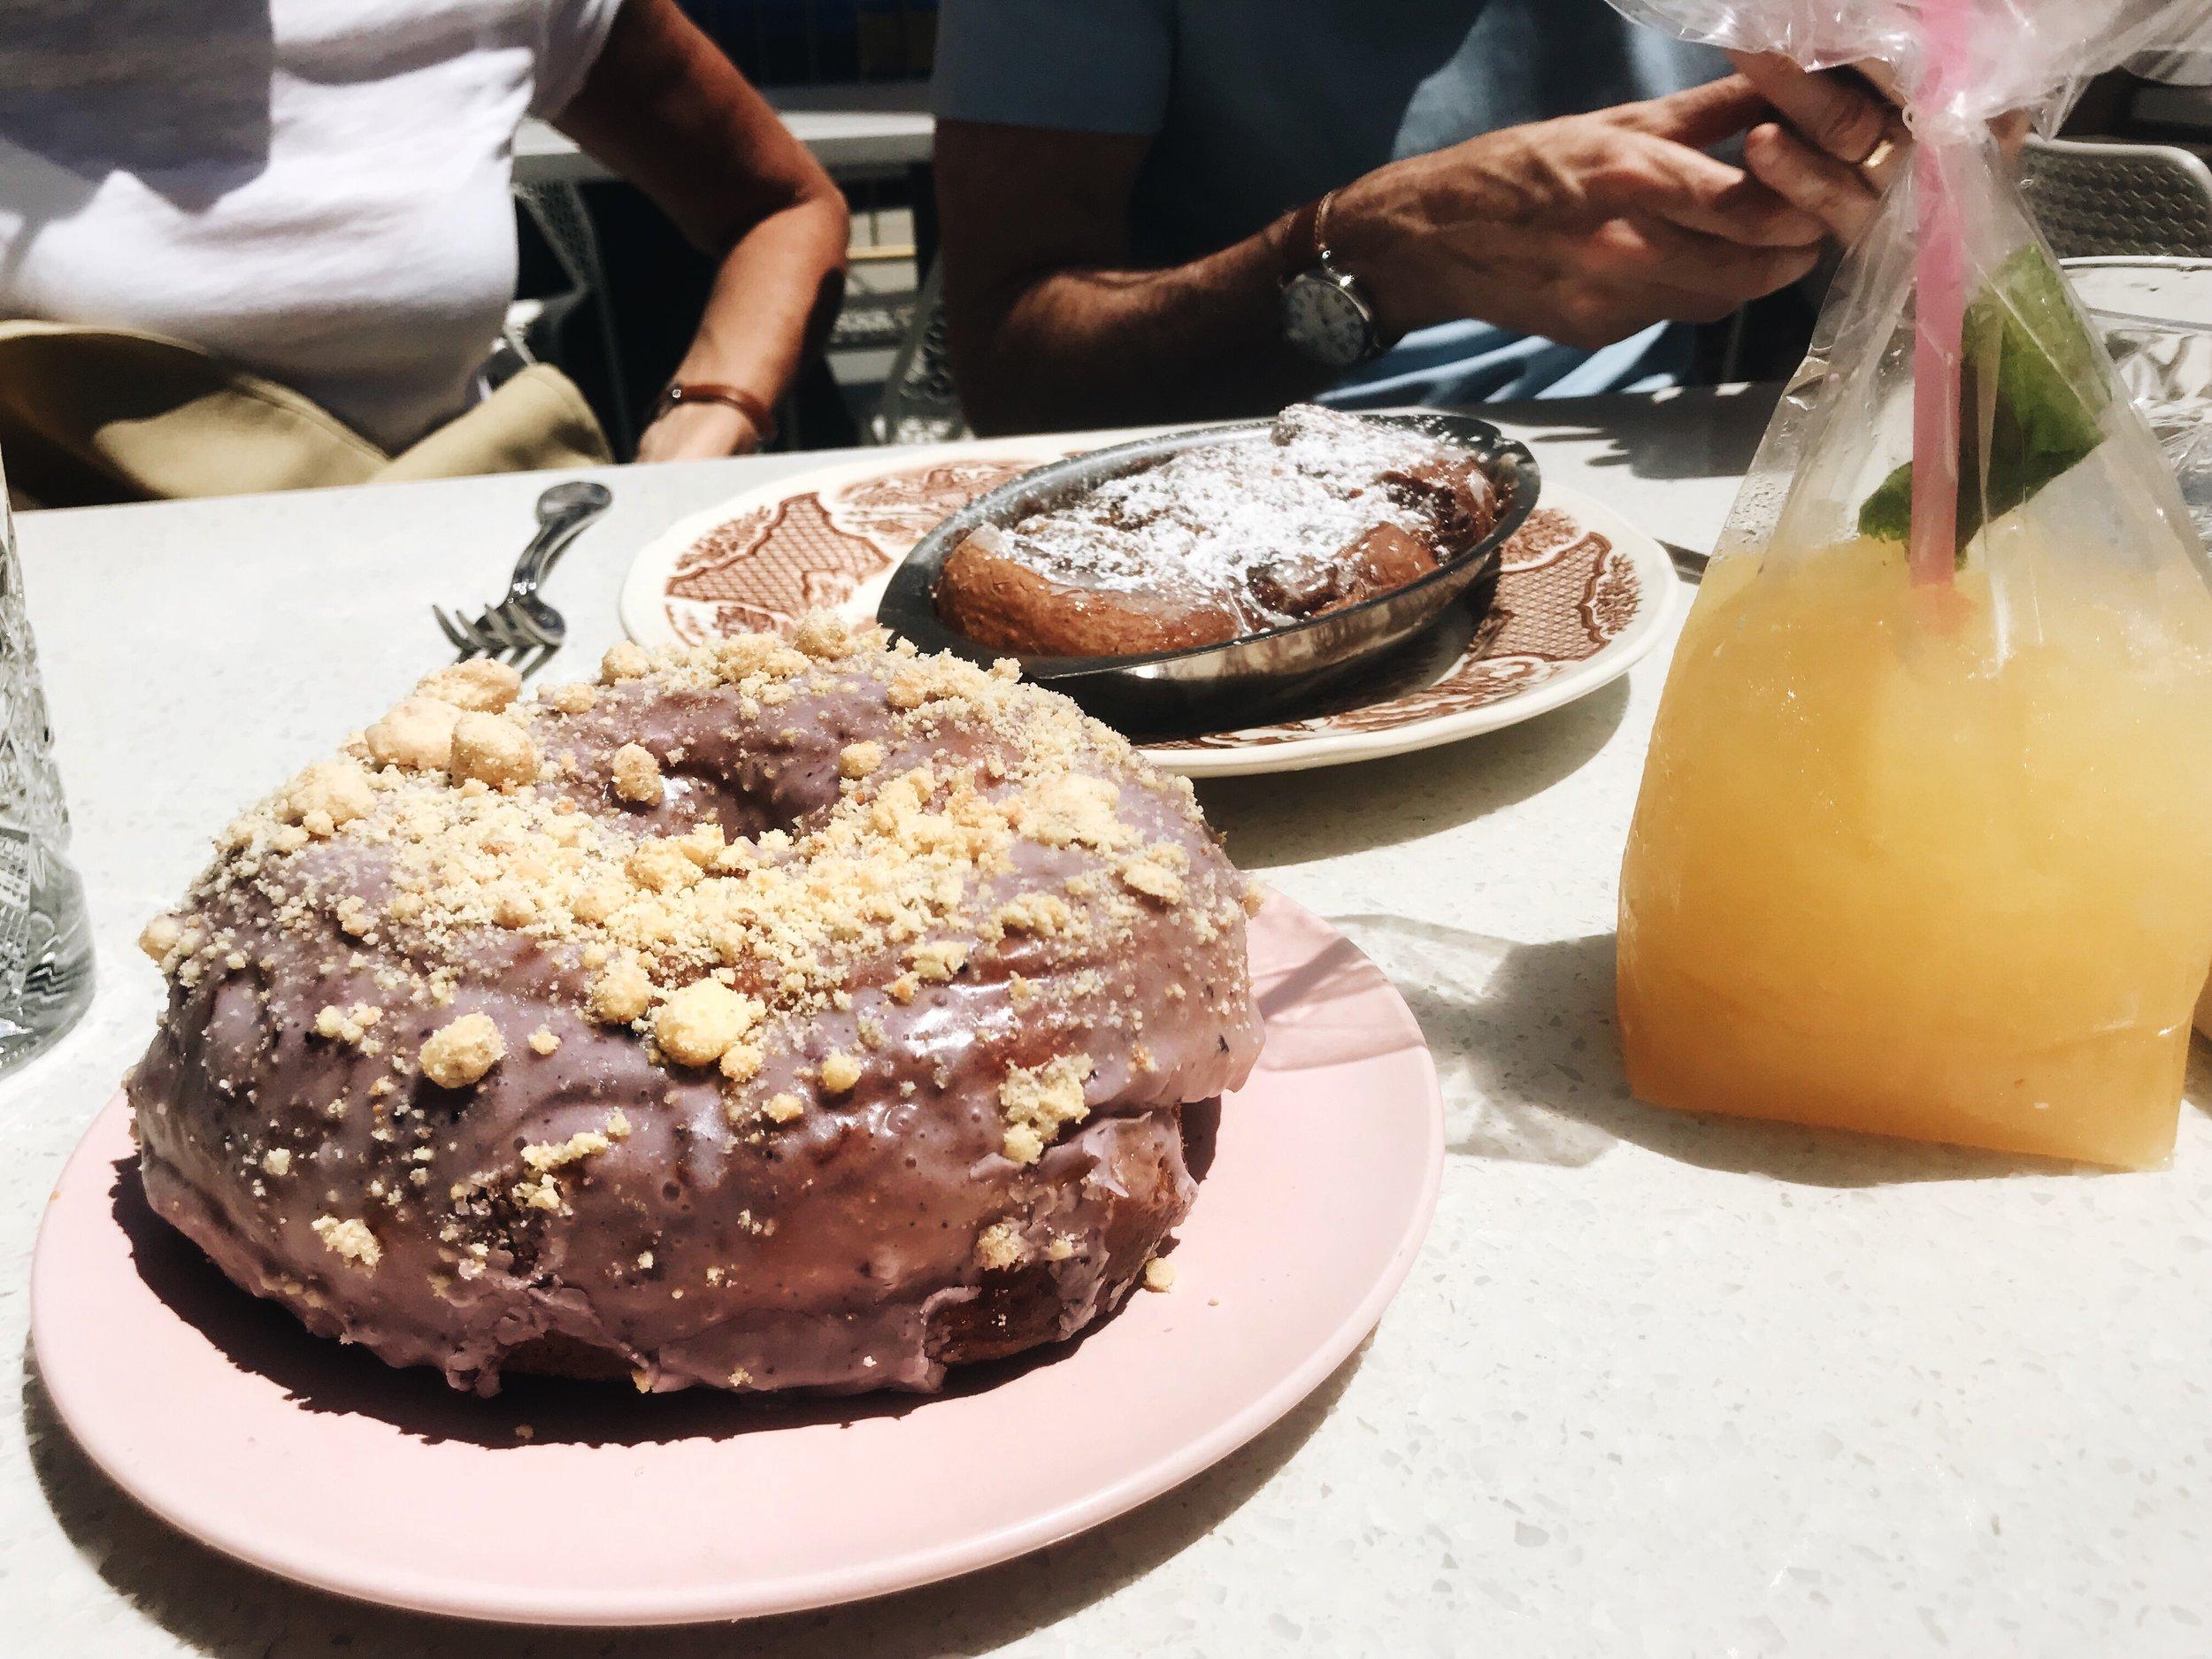 The donut and cinnabun monkey bread.